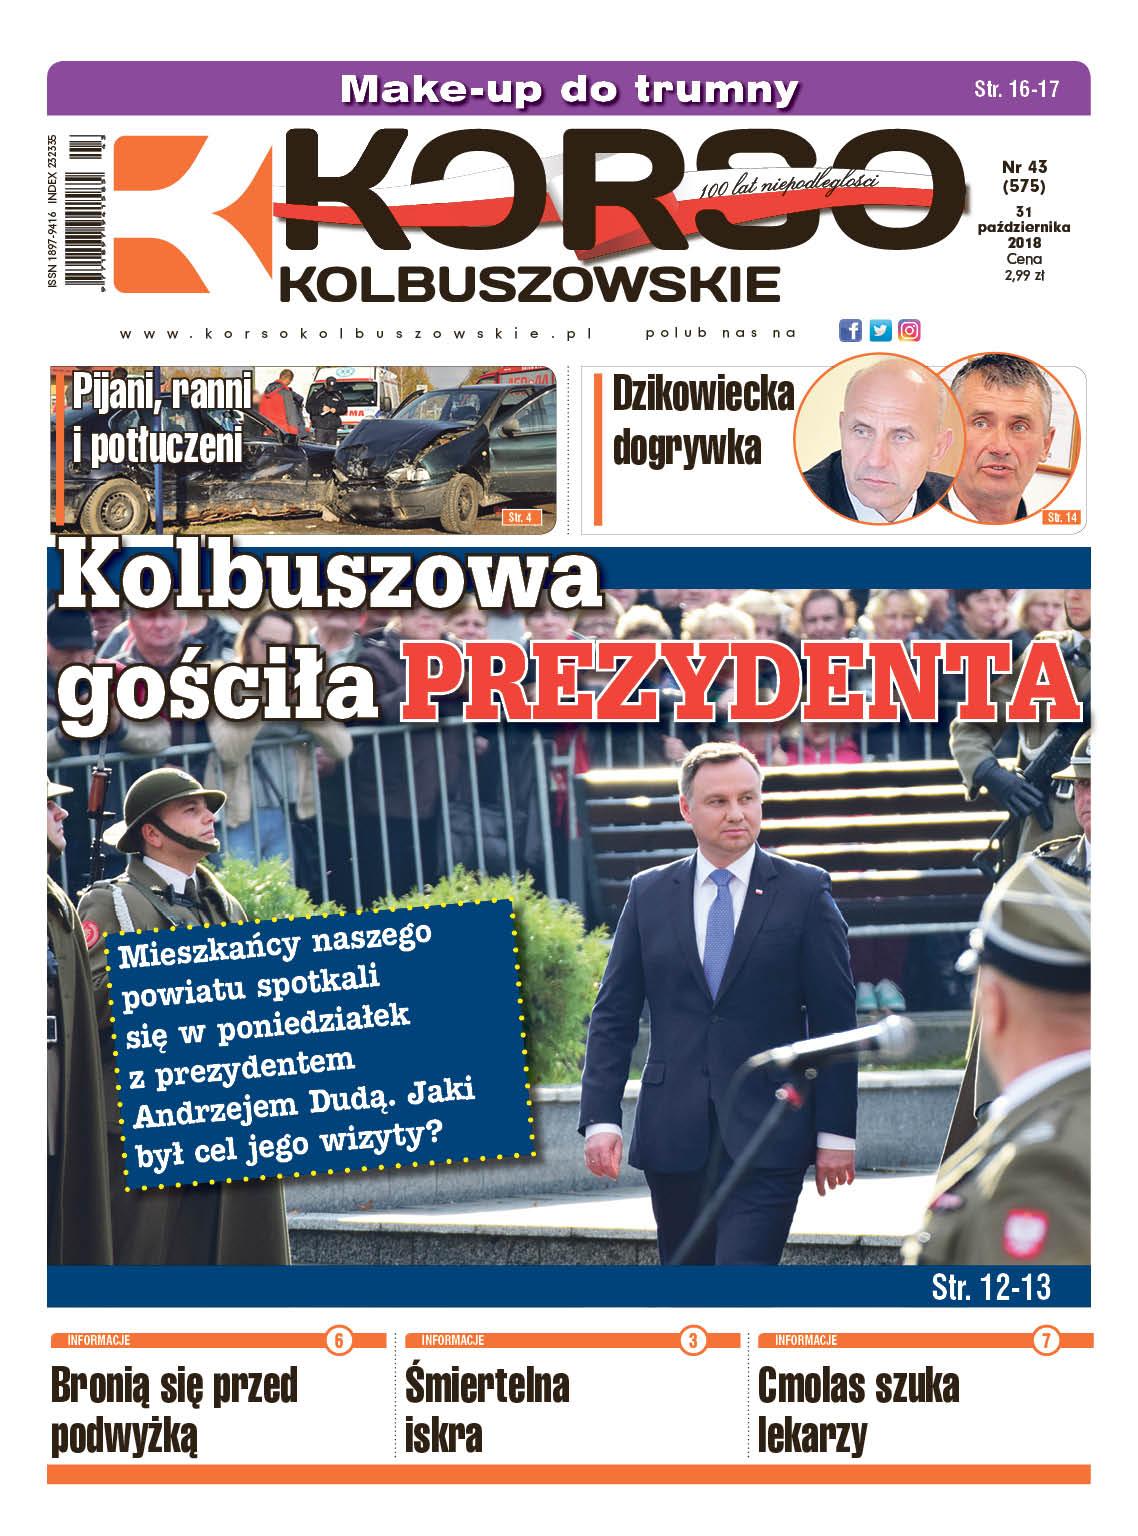 Korso Kolbuszowskie - nr 43/2018 - Zdjęcie główne